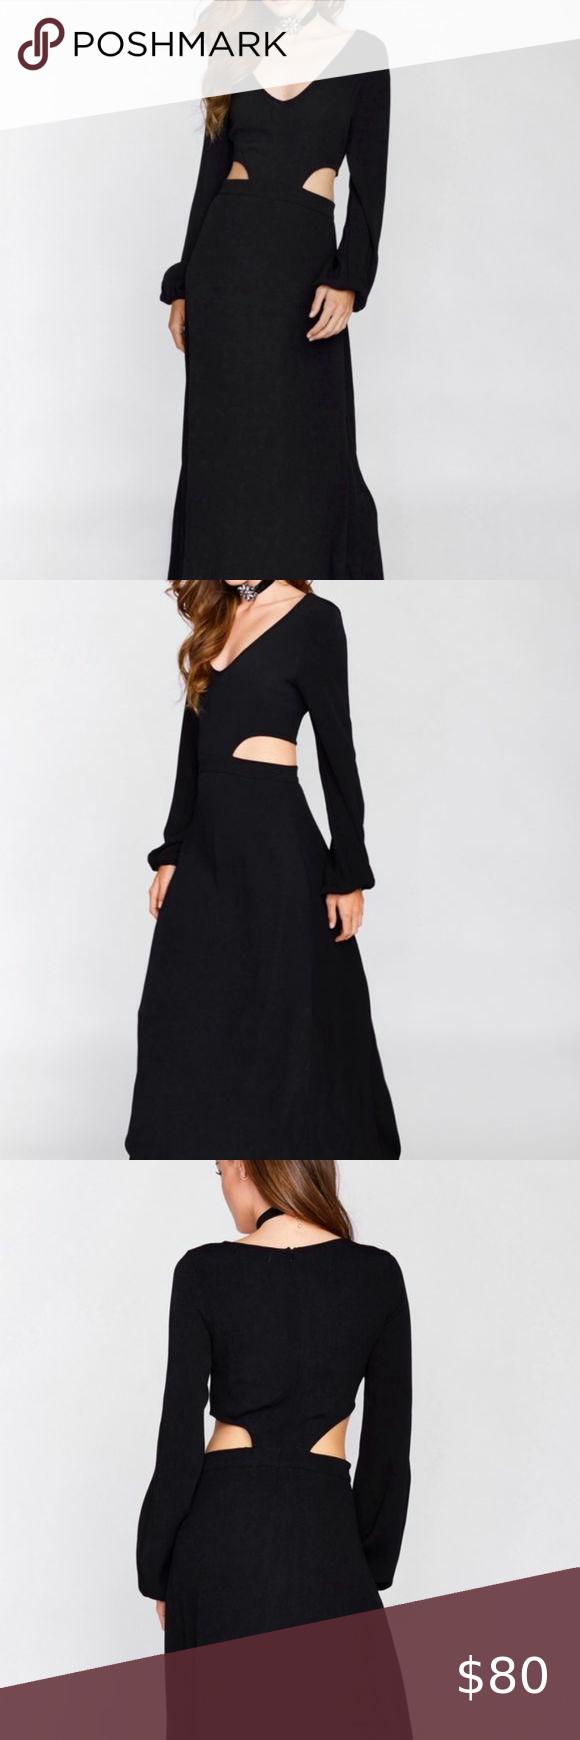 Nwt Wildfox Black Cutout Maxi Dress Cutout Maxi Dress Maxi Dress Dresses [ 1740 x 580 Pixel ]